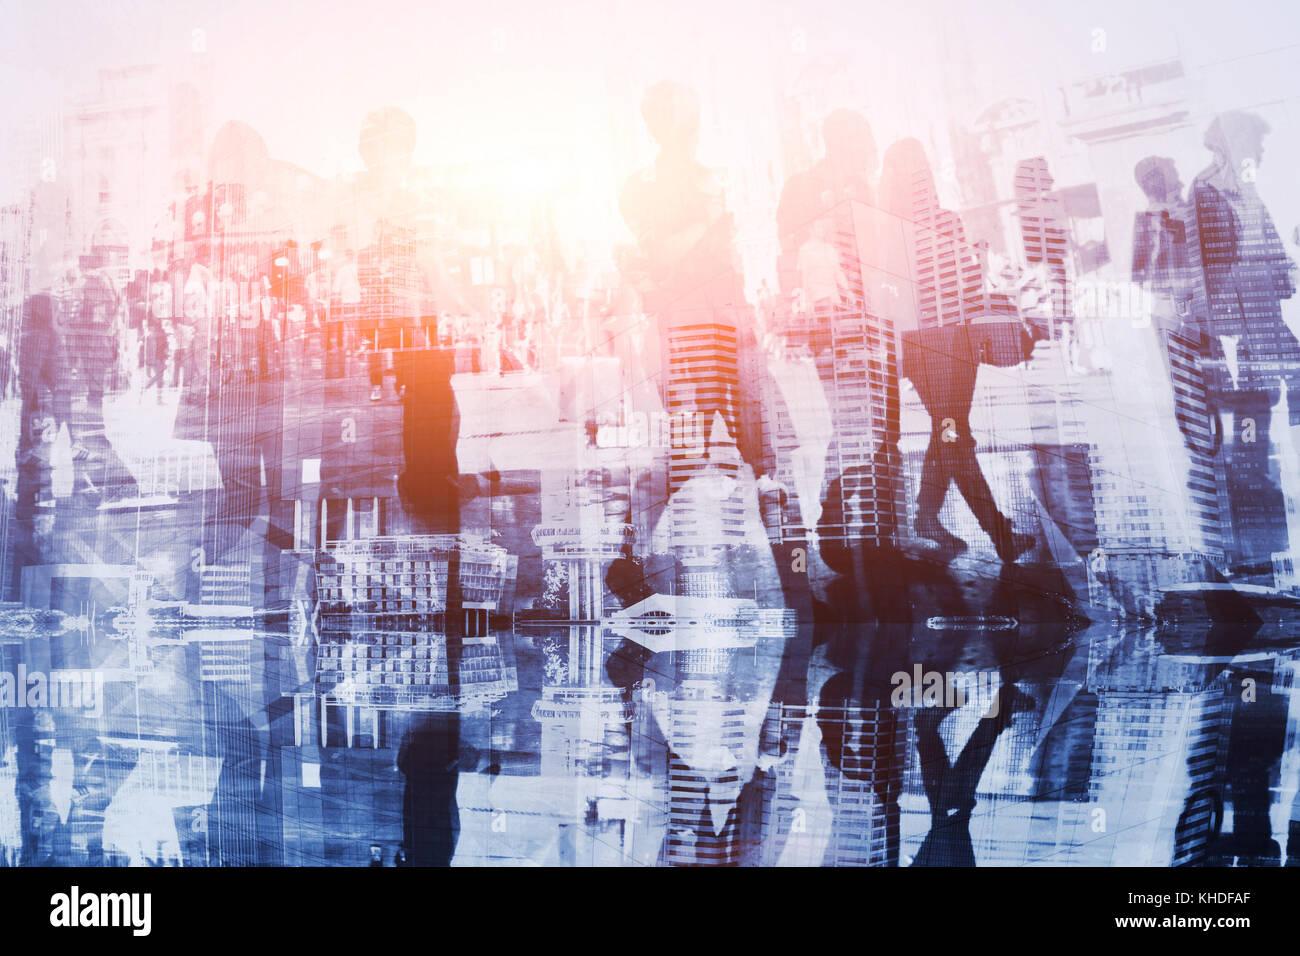 Sagome di uomini di affari, abstract folla doppia esposizione Immagini Stock